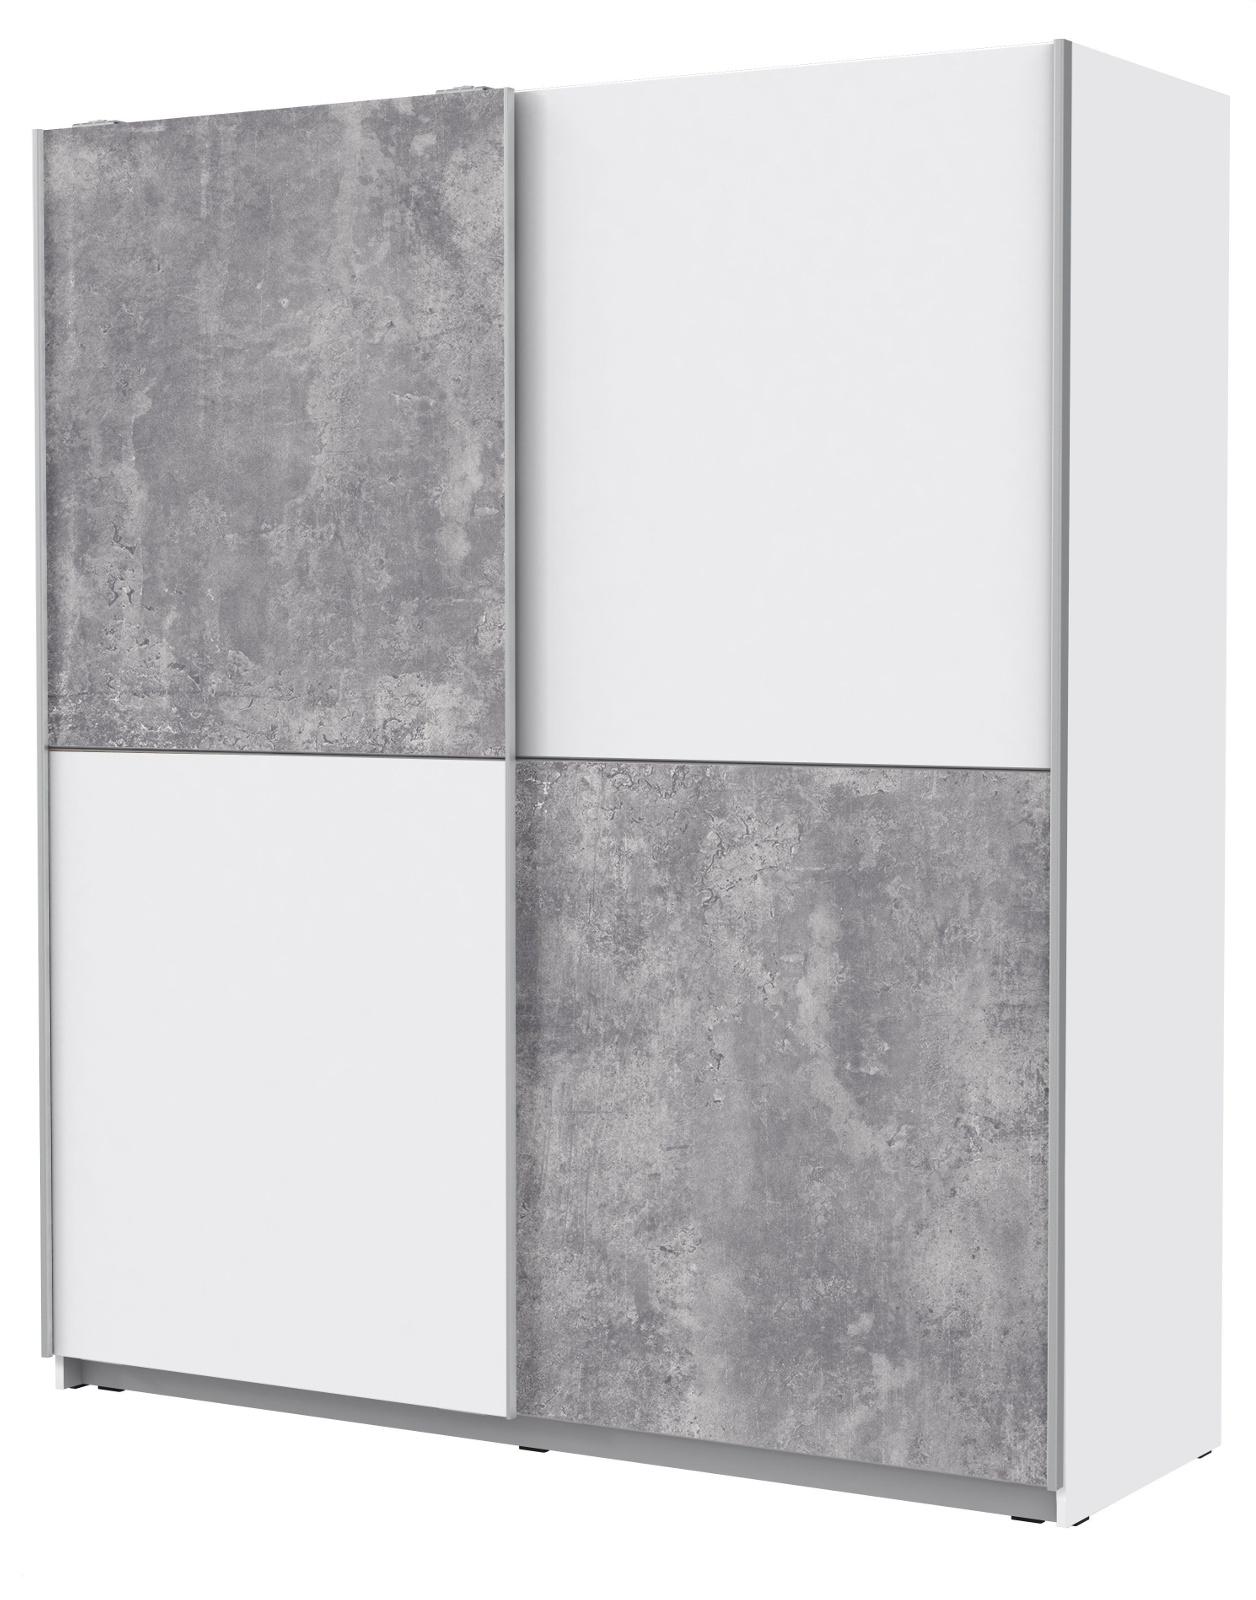 Schwebeturenschrank Winner Beton Design Und Weiss 170 Cm